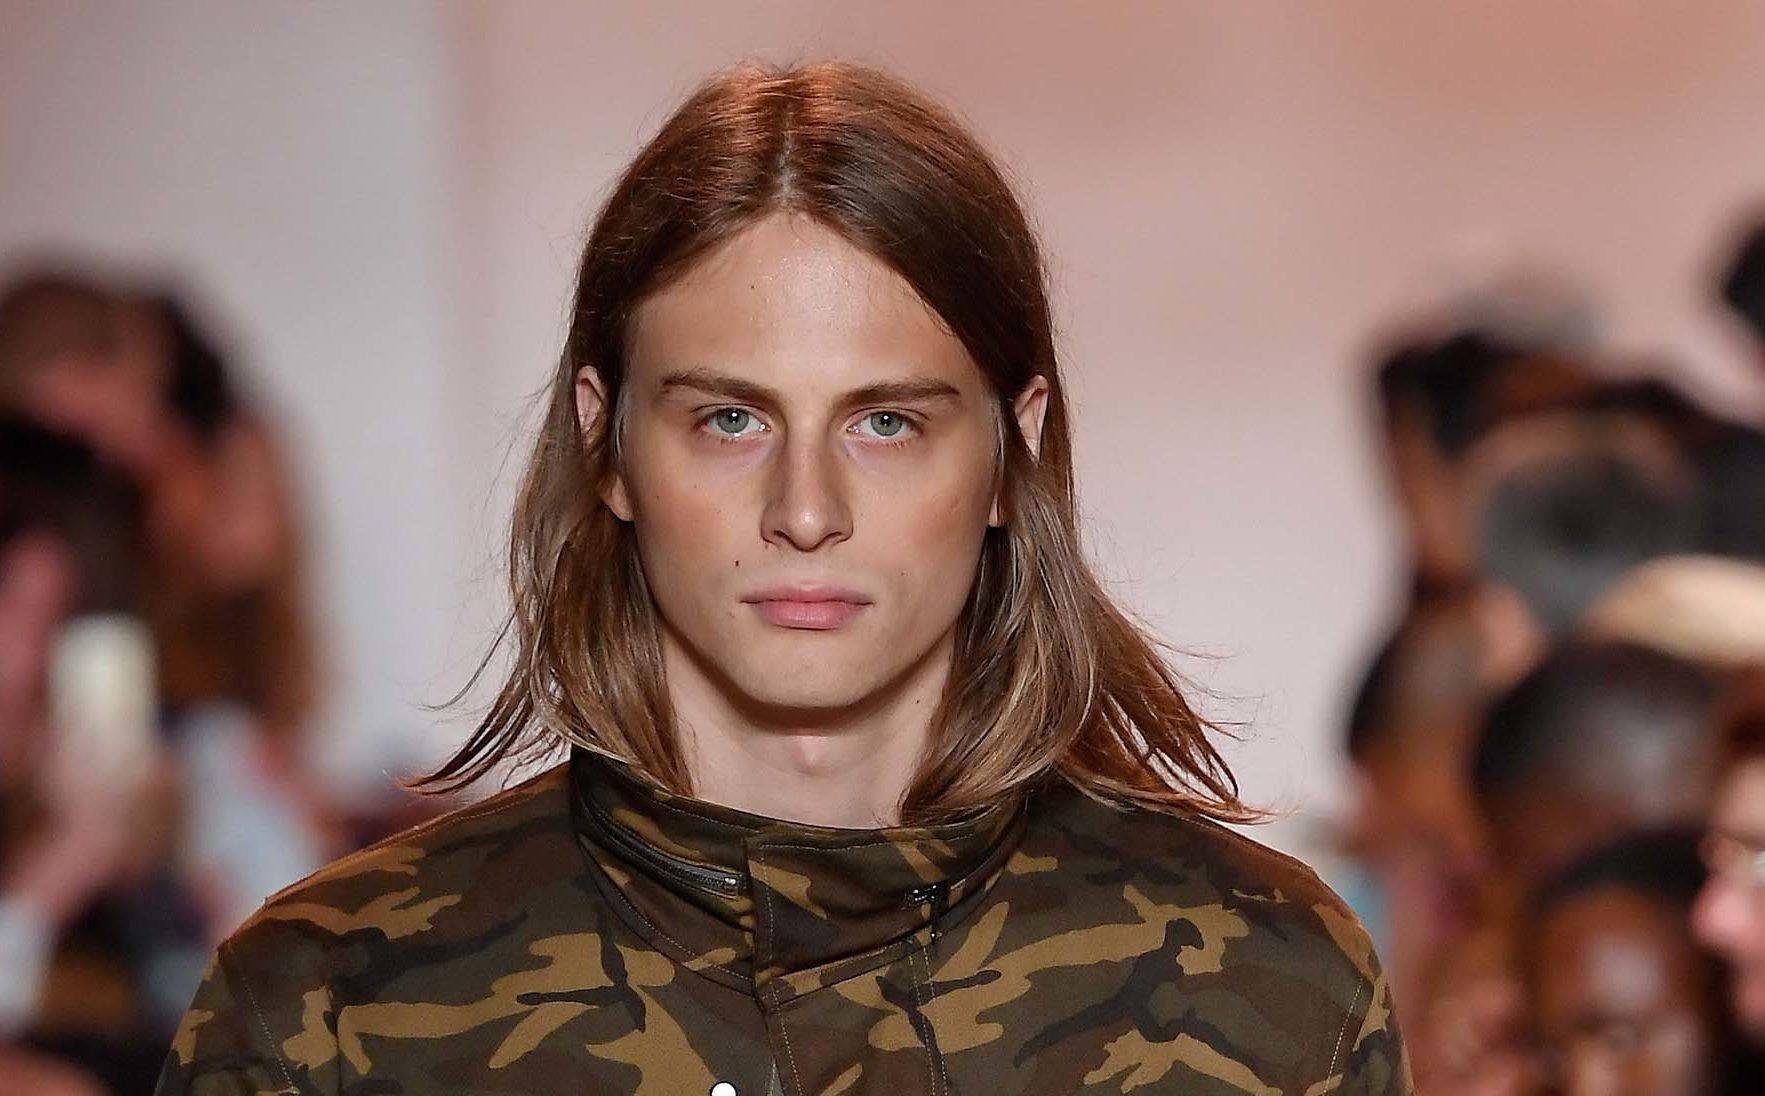 modelo com um dos cortes masculinos para afinar o rosto